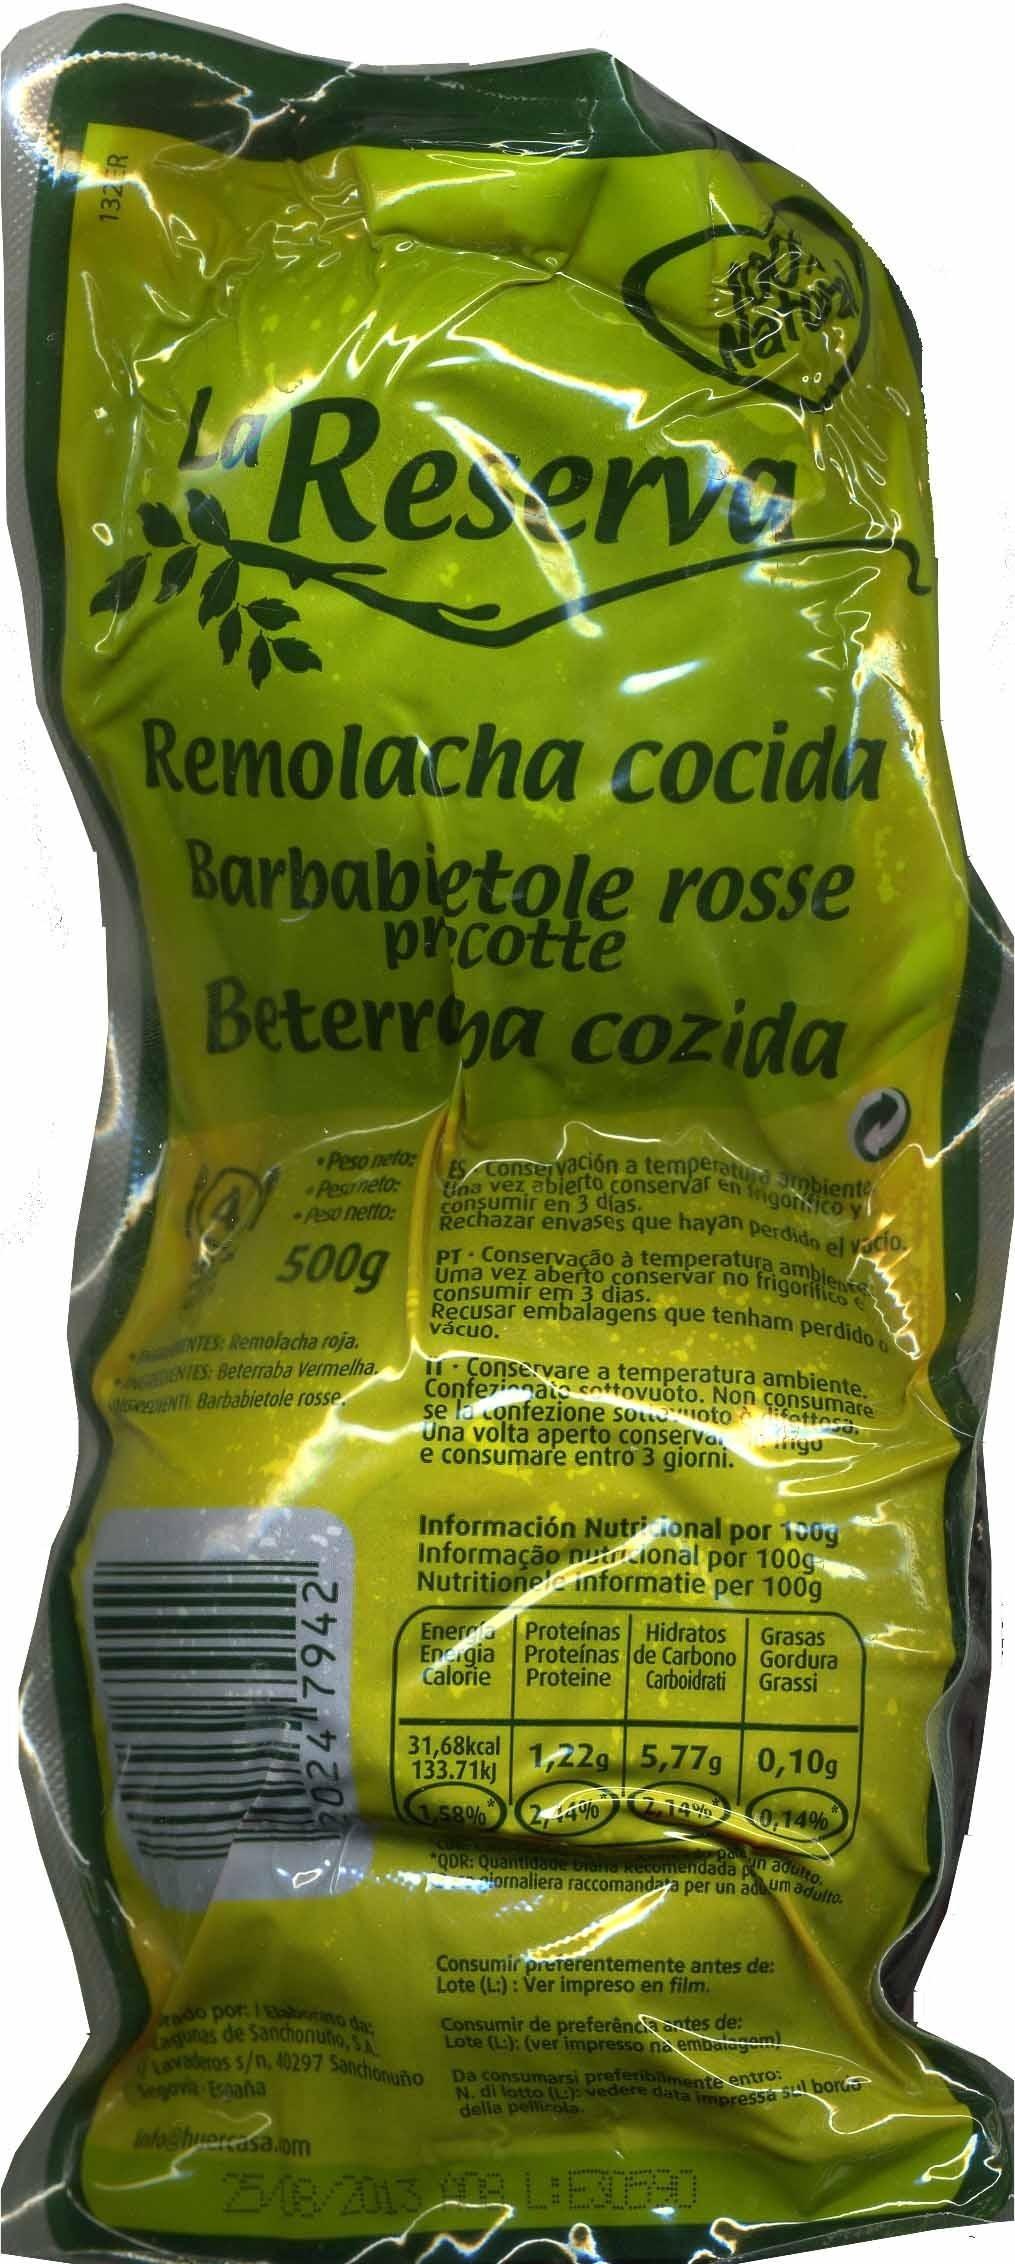 Remolacha roja cocida - Producto